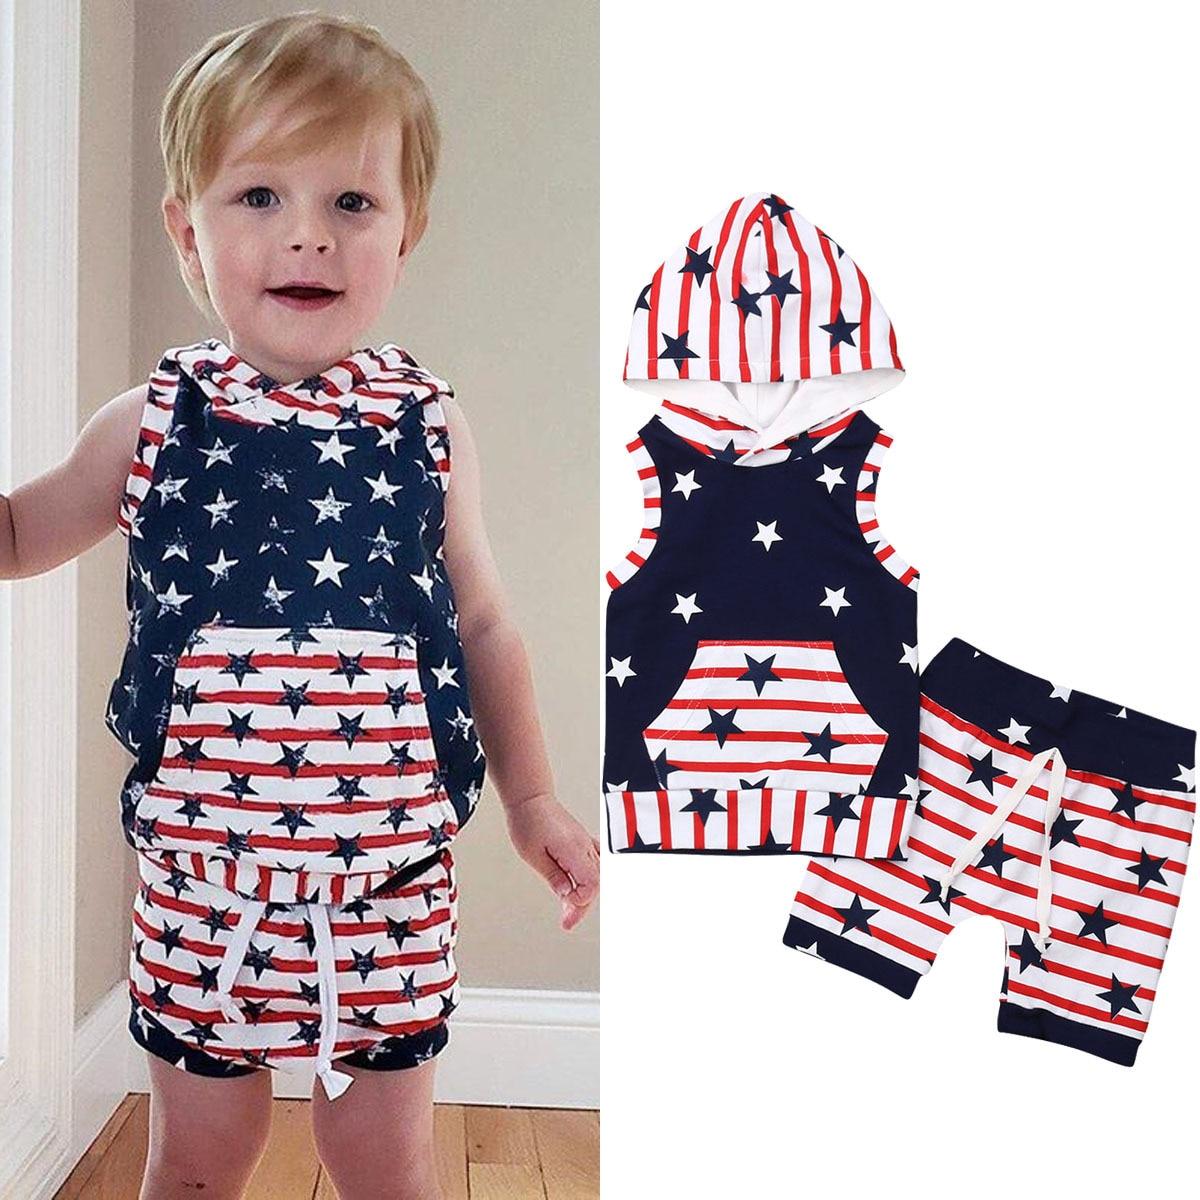 Meninos da criança roupas de verão crianças meninos 4th de julho outfits red strip estrela com capuz topo shorts 2 pçs conjunto roupas traje patriótico